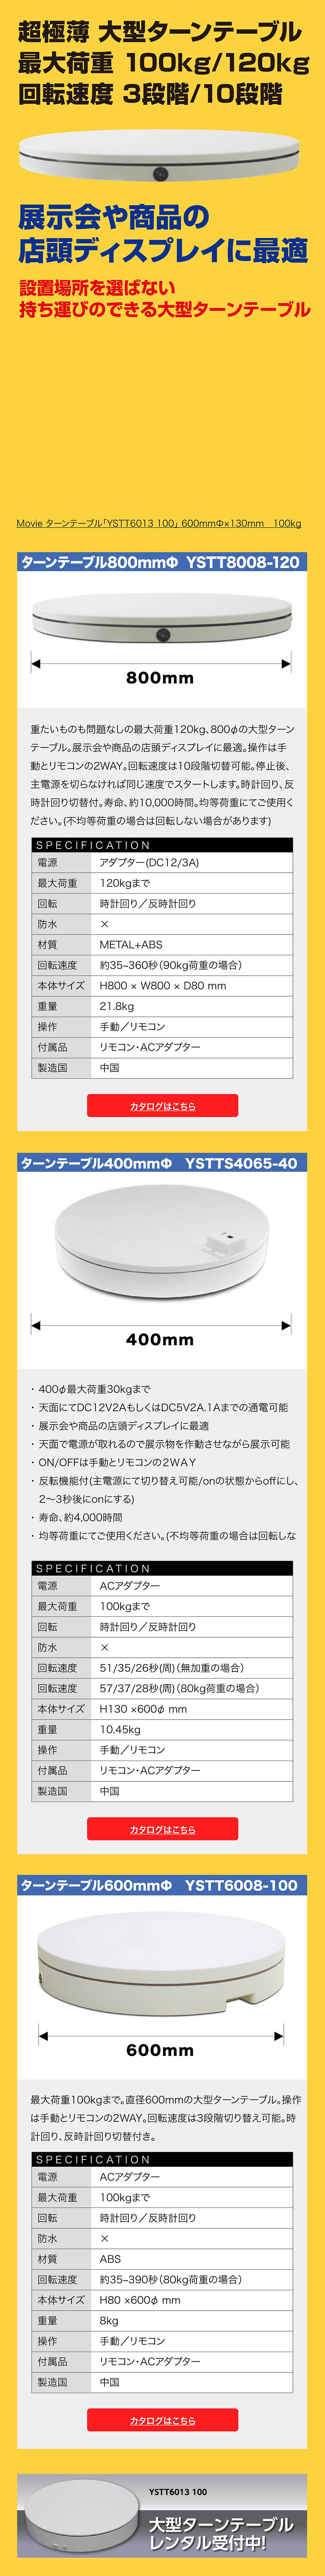 ターンテーブル0805.jpg